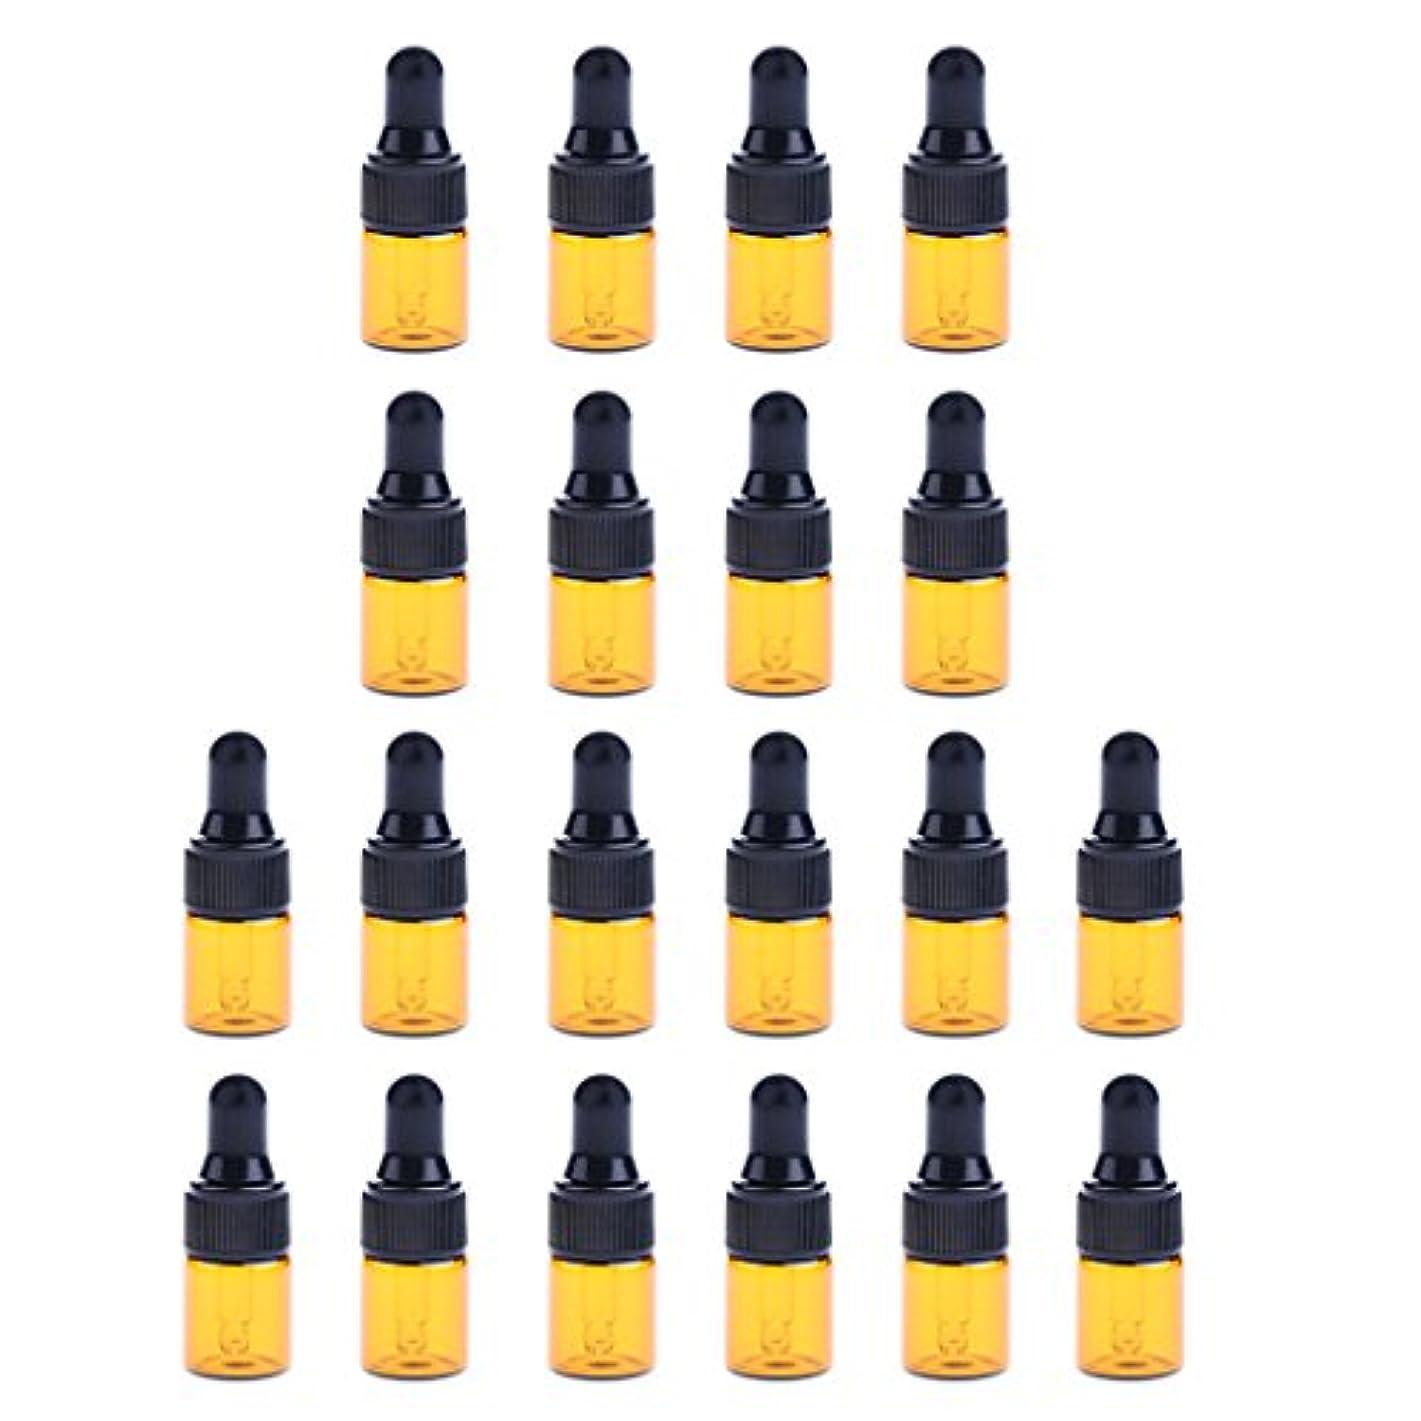 透ける私の抵抗する約20個 ガラスボトル スポイトボトル コスメ用 詰替え ボトル オイル ミニサイズ メイク道具 3サイズ選べる - 2ML